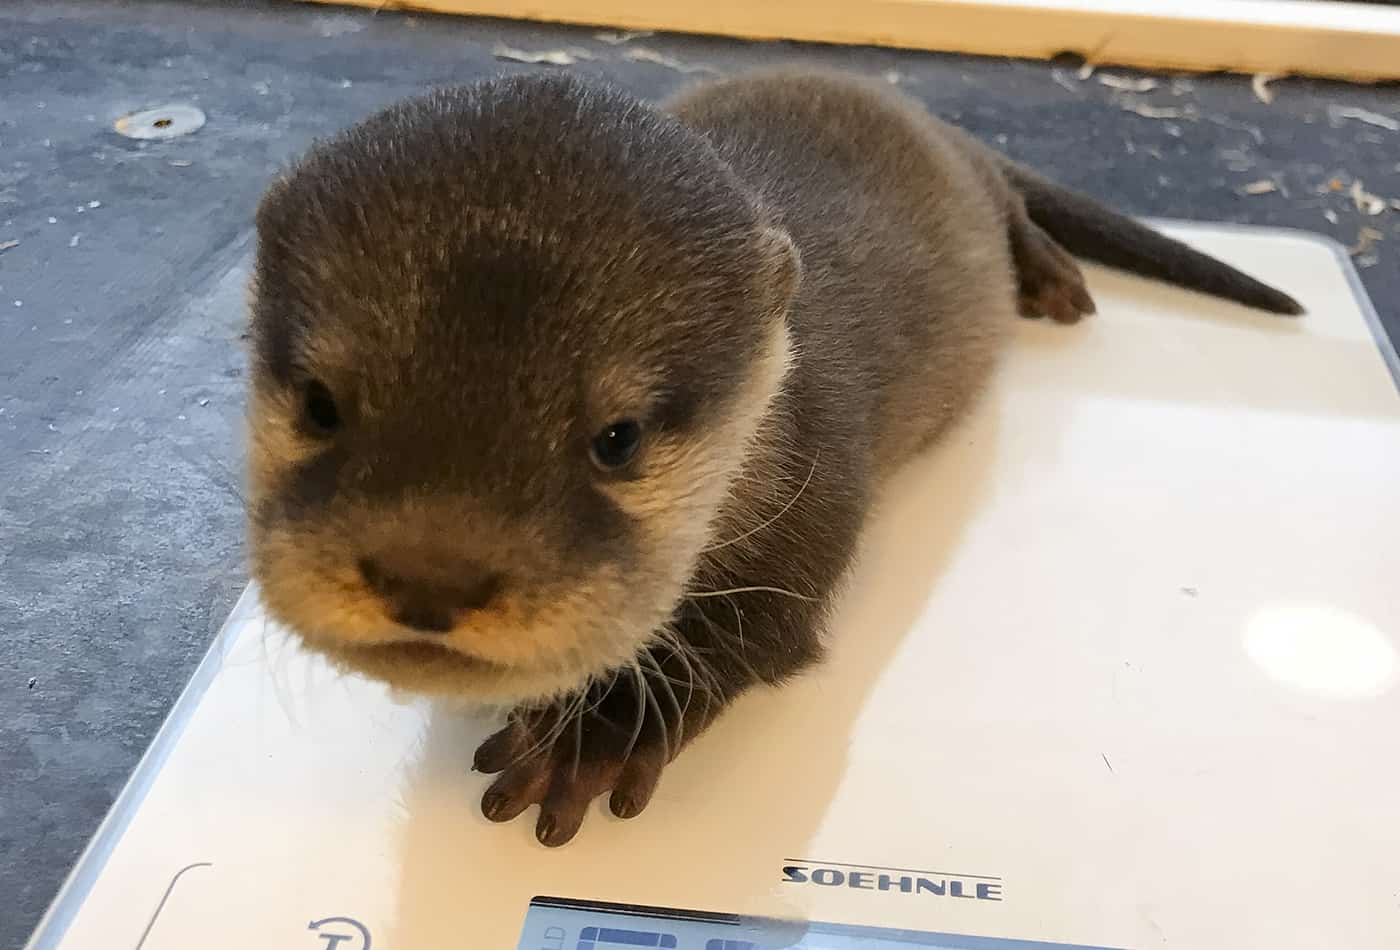 Alles gesund: Bei der ersten tierärztlichen Untersuchung wurde ebenfalls das Geschlecht der drei Otter-Welpen festgestellt. Es sind zwei Männchen und ein Weibchen.